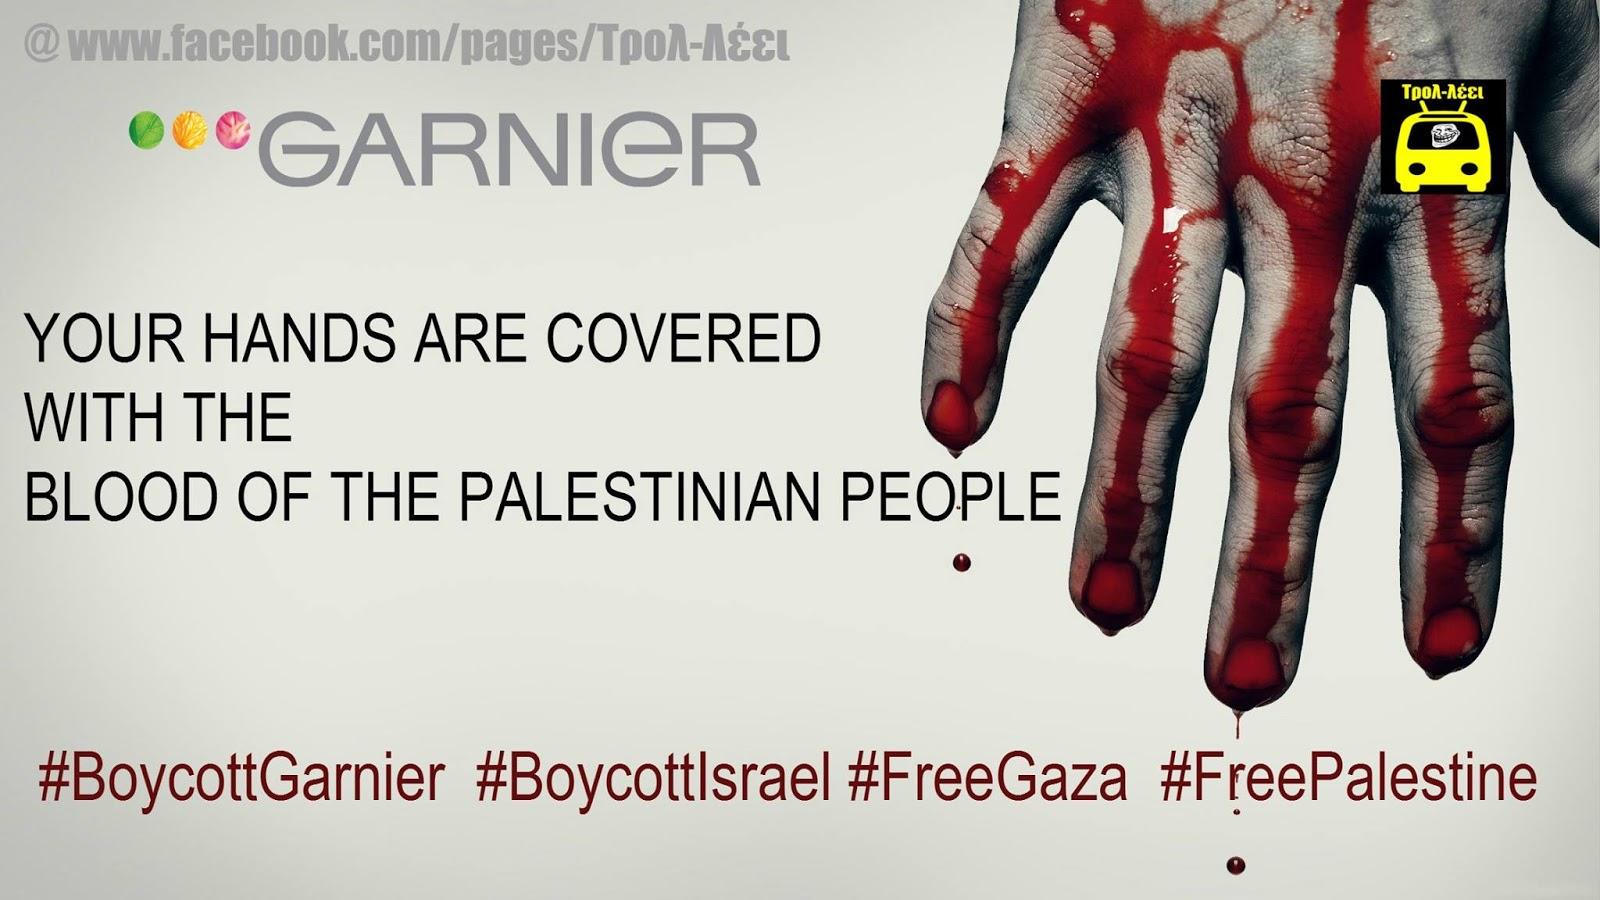 BoycottGarnier, BoycottIsrael, FreeGaza, FreePalestine